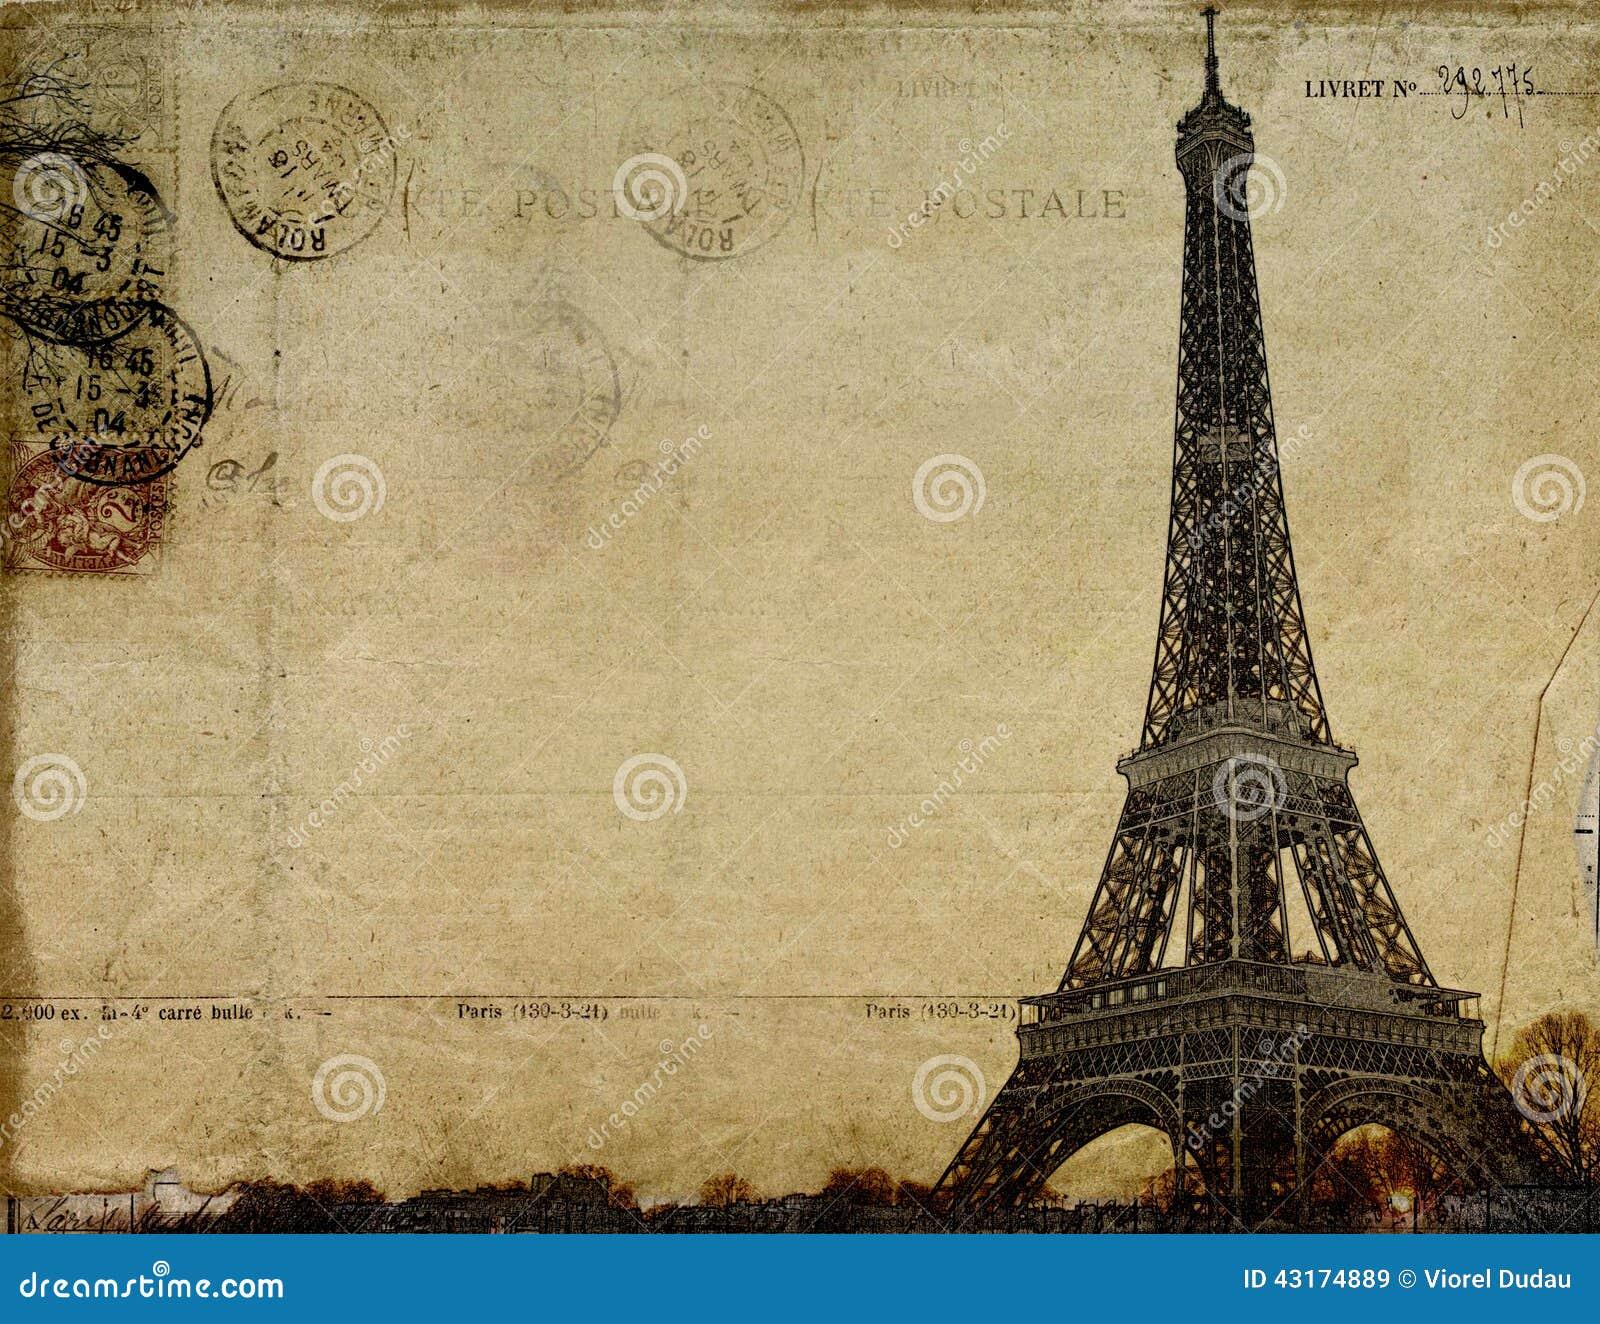 Carte Postale De Vintage De Paris Illustration Stock - Image: 43174889